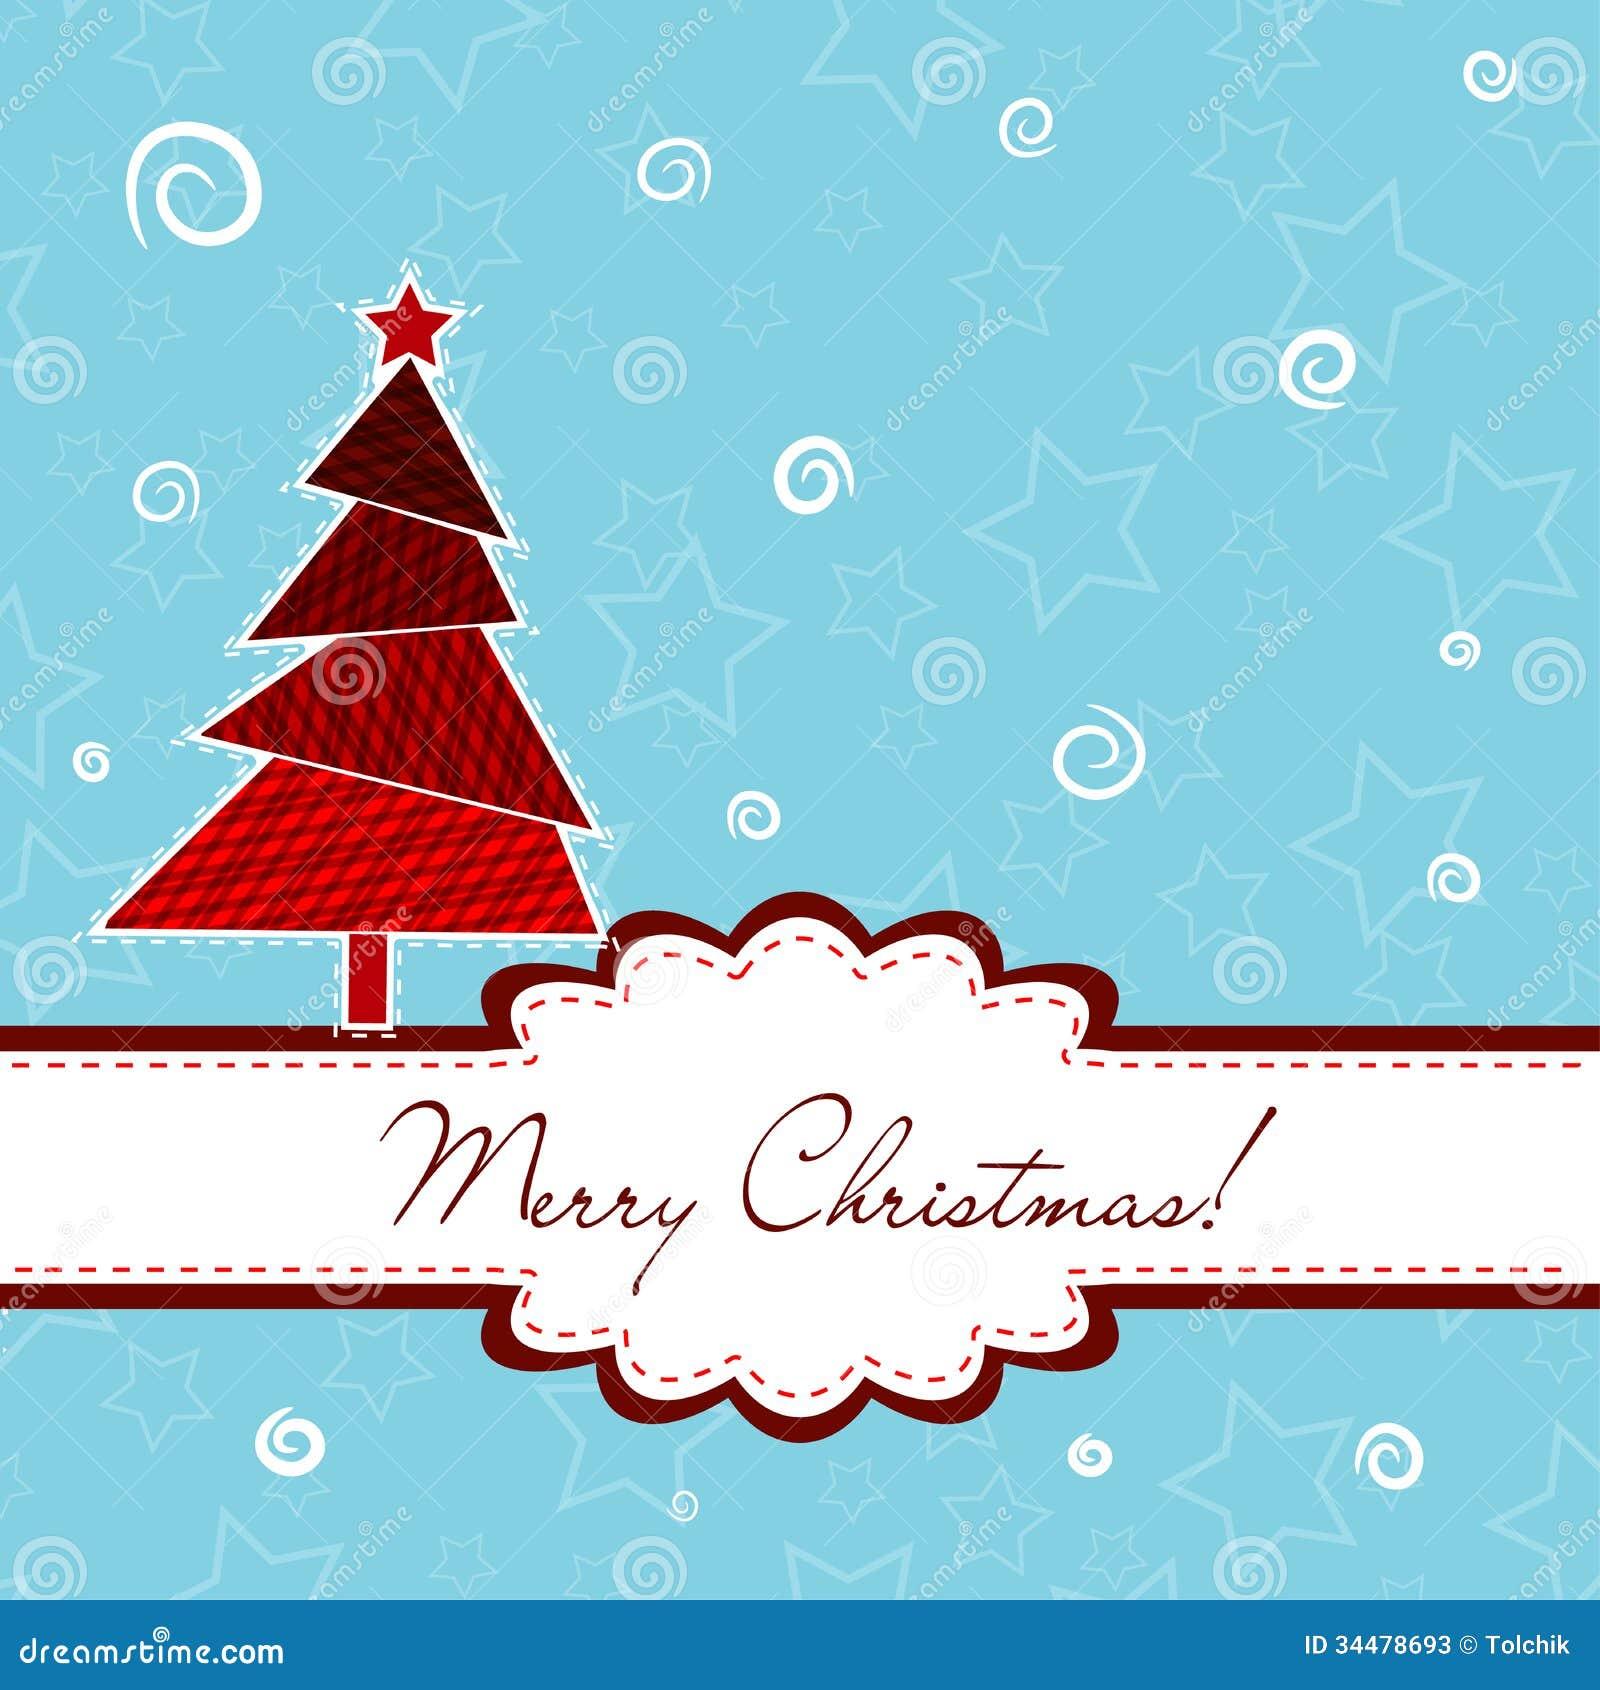 Magnífico Plantillas Gratis Navidad Modelo - Ejemplo De Colección De ...